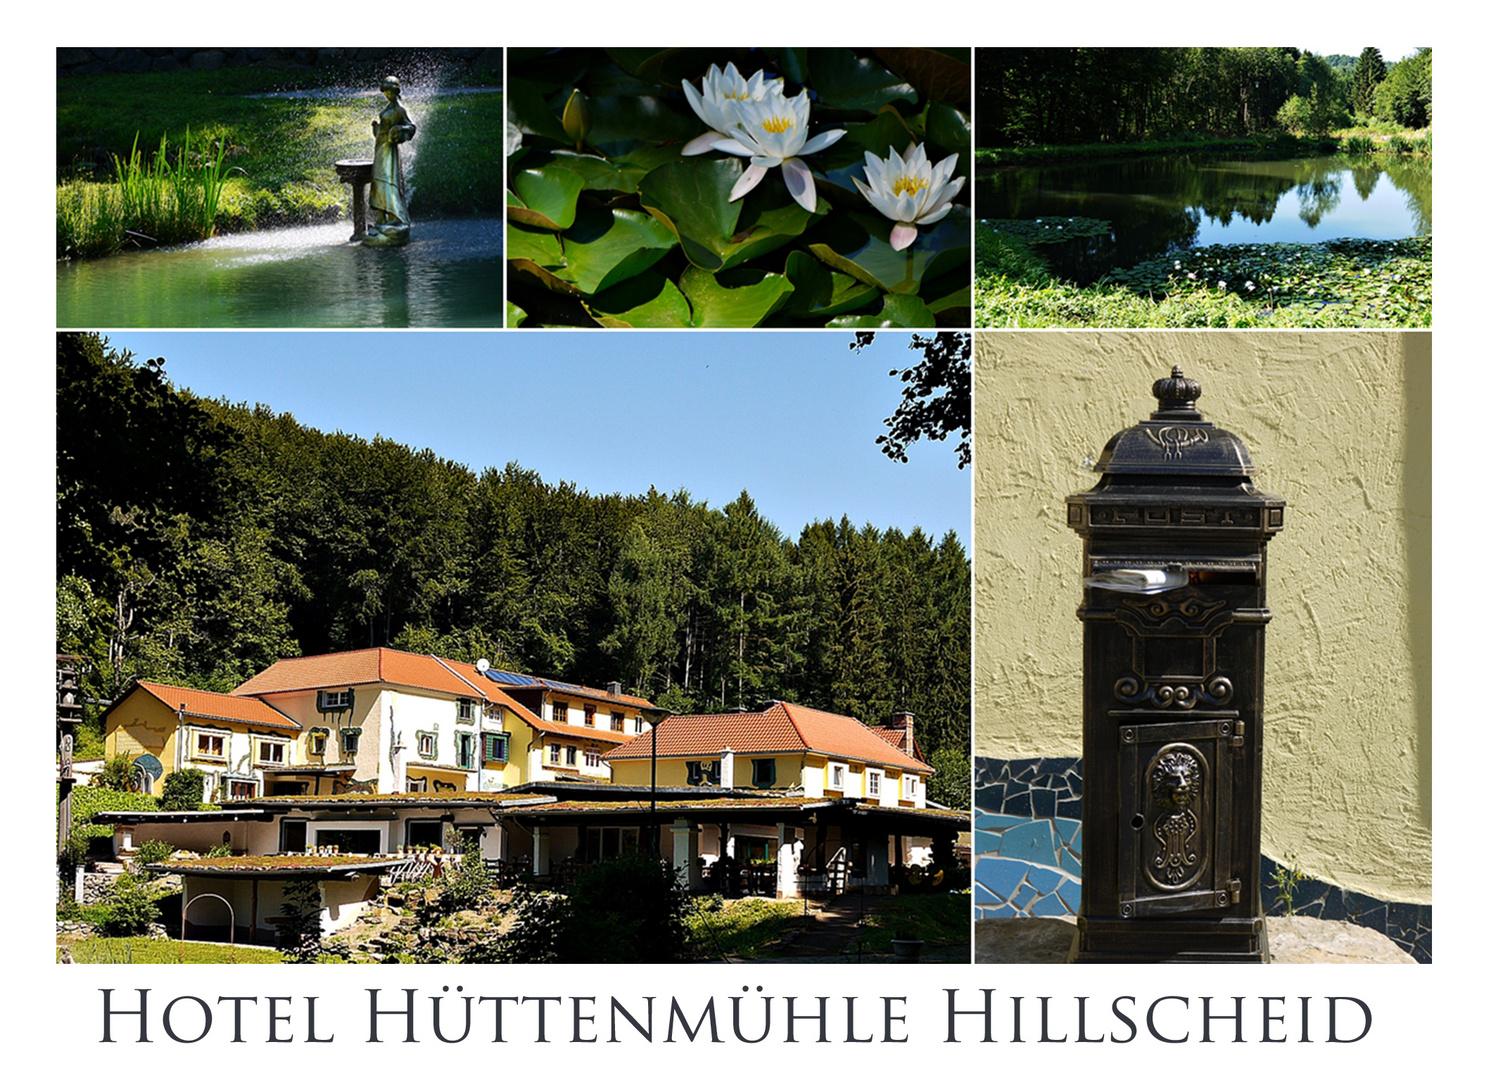 Hotel Hüttenmühle